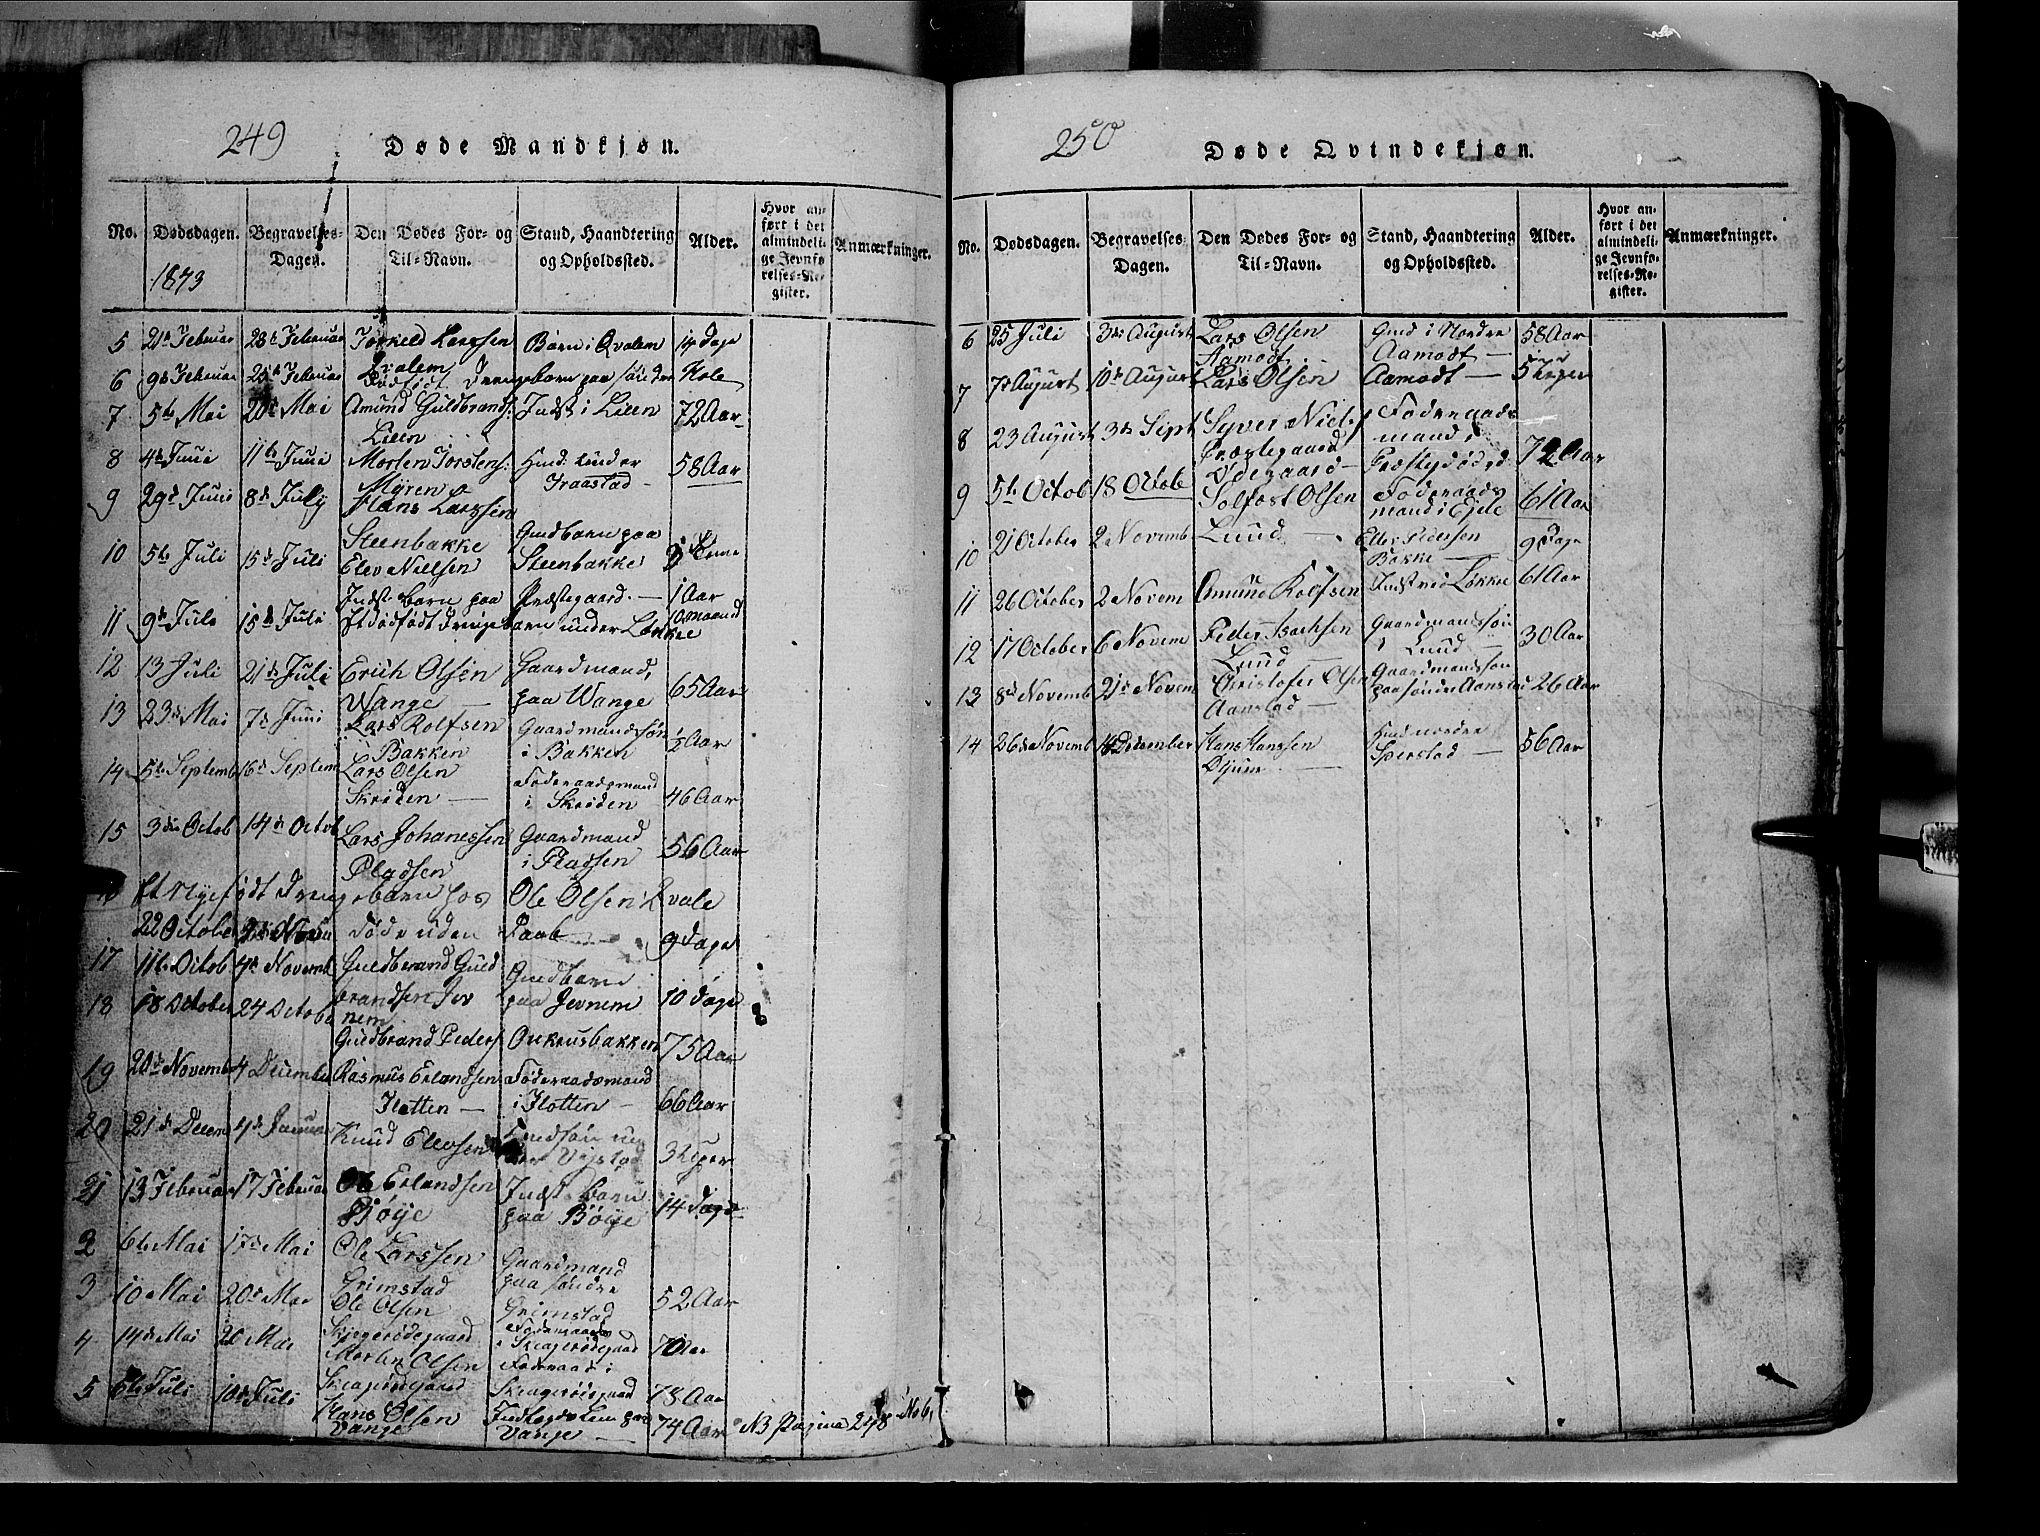 SAH, Lom prestekontor, L/L0003: Klokkerbok nr. 3, 1815-1844, s. 249-250